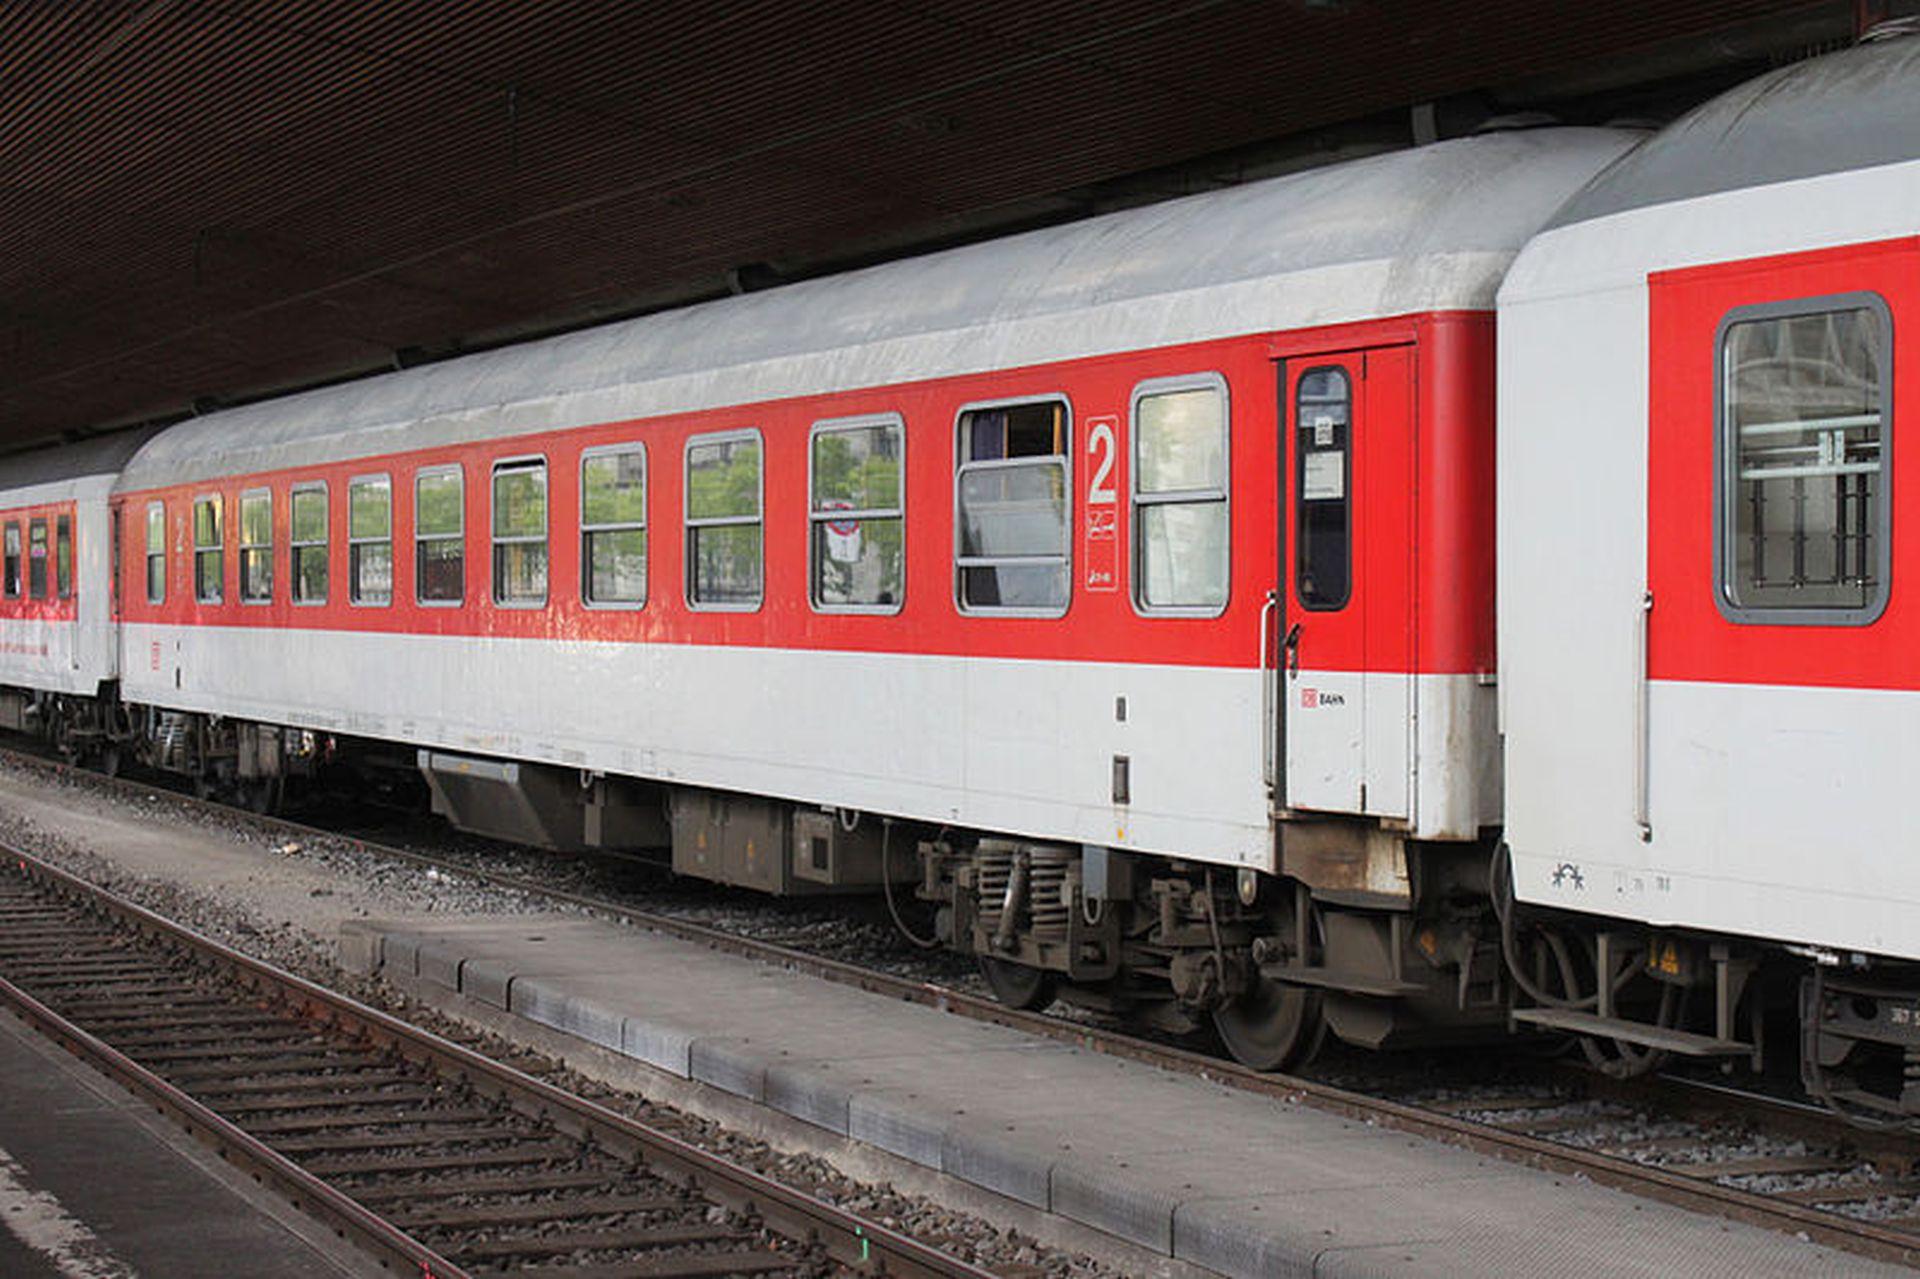 Vůz Bvcmbz v barvách DB v Curychu. Foto: NAC/Wikimedia Commons